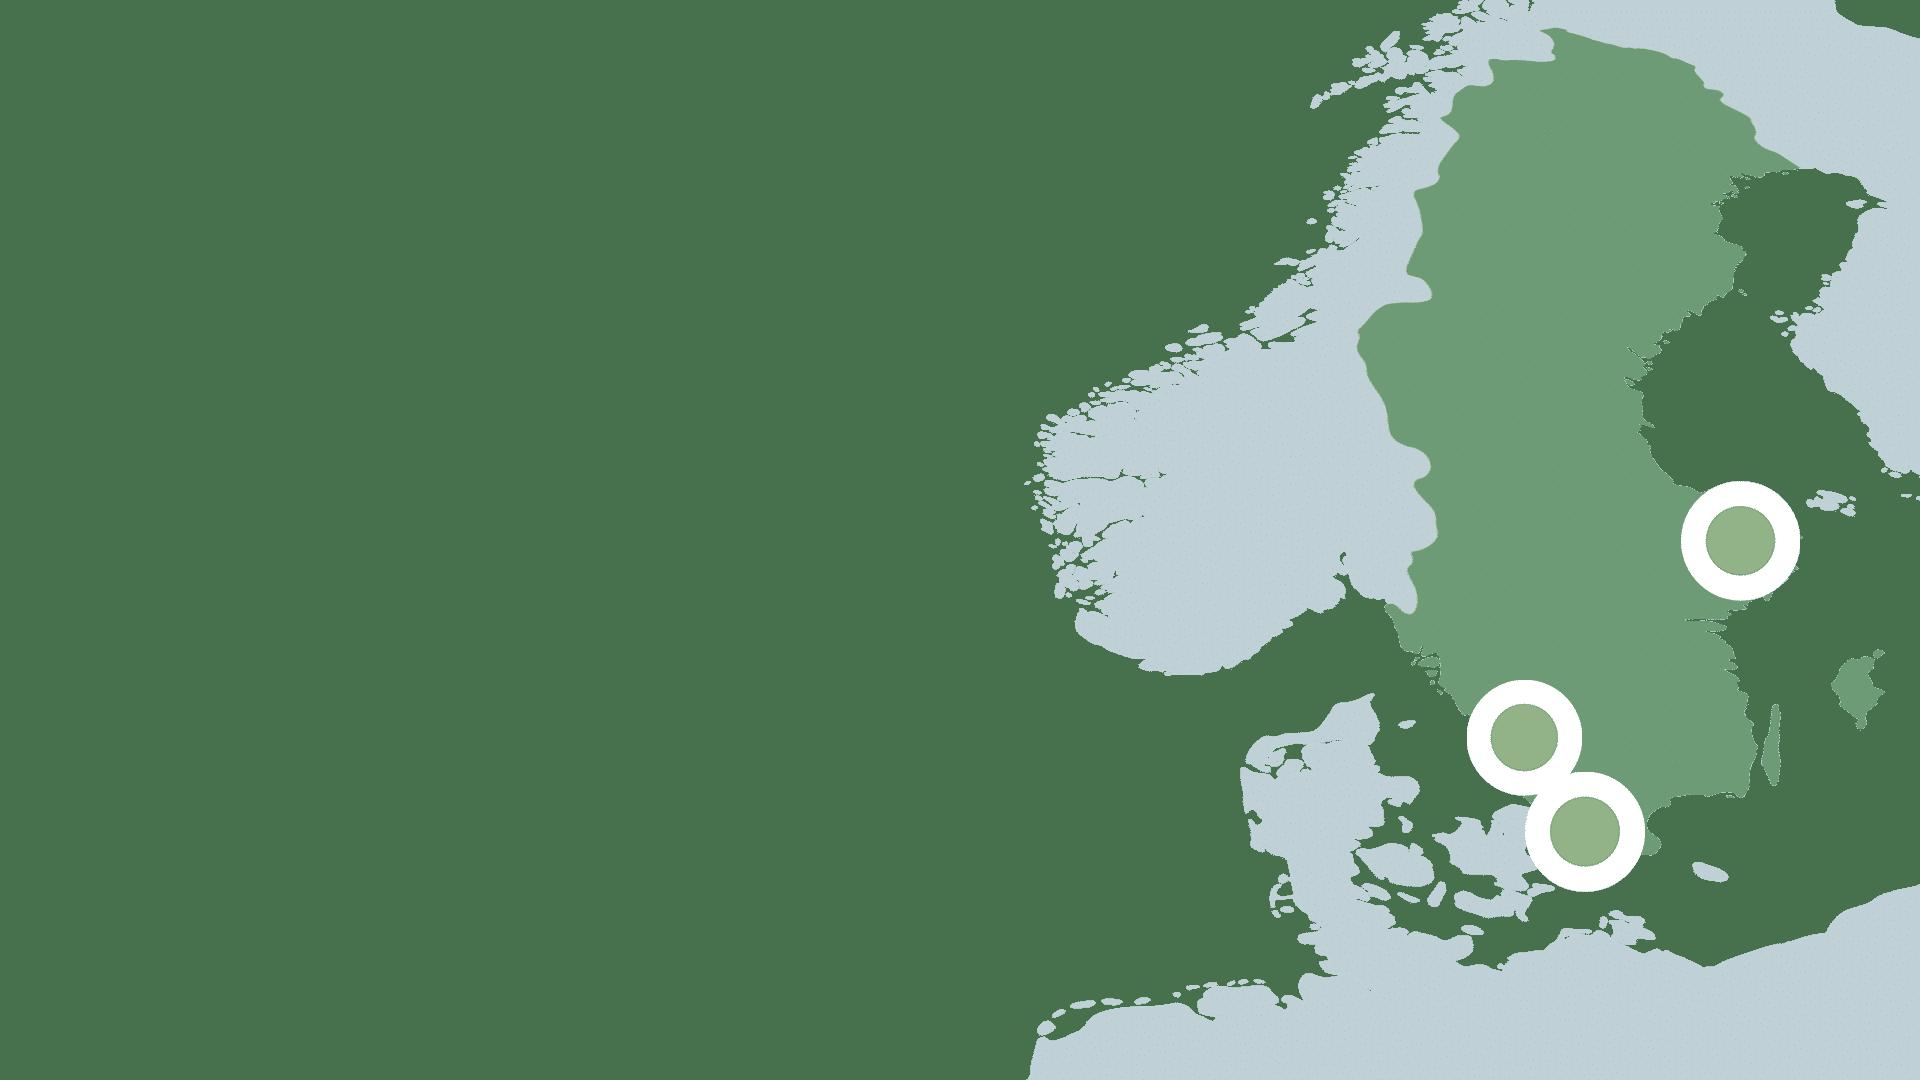 Karta med regioner